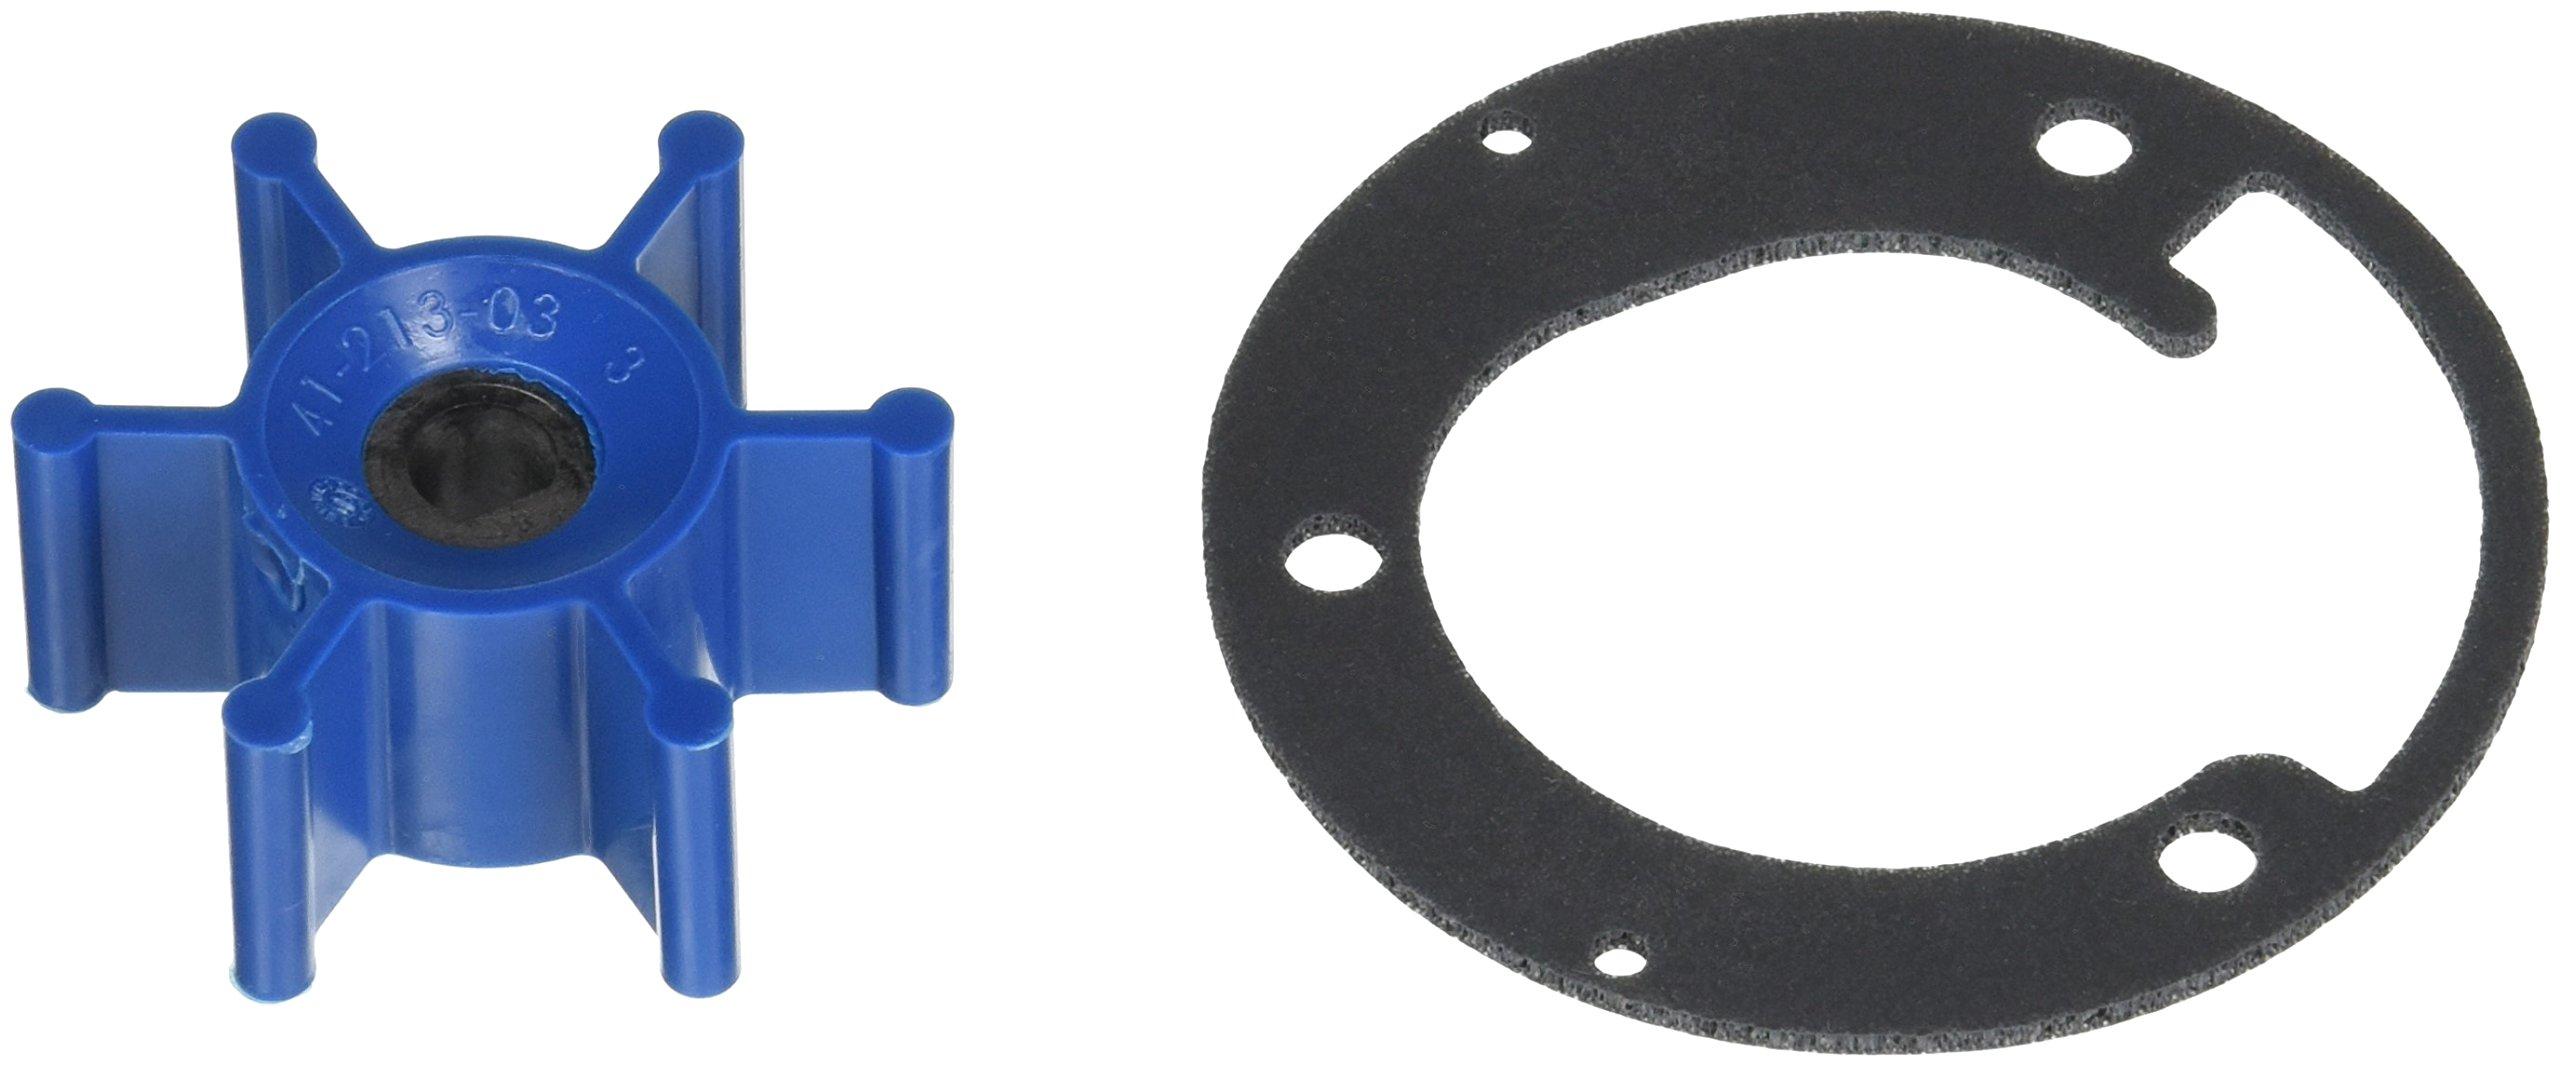 SHURFLO 9457100 Macerator Impeller Kit by SHURFLO